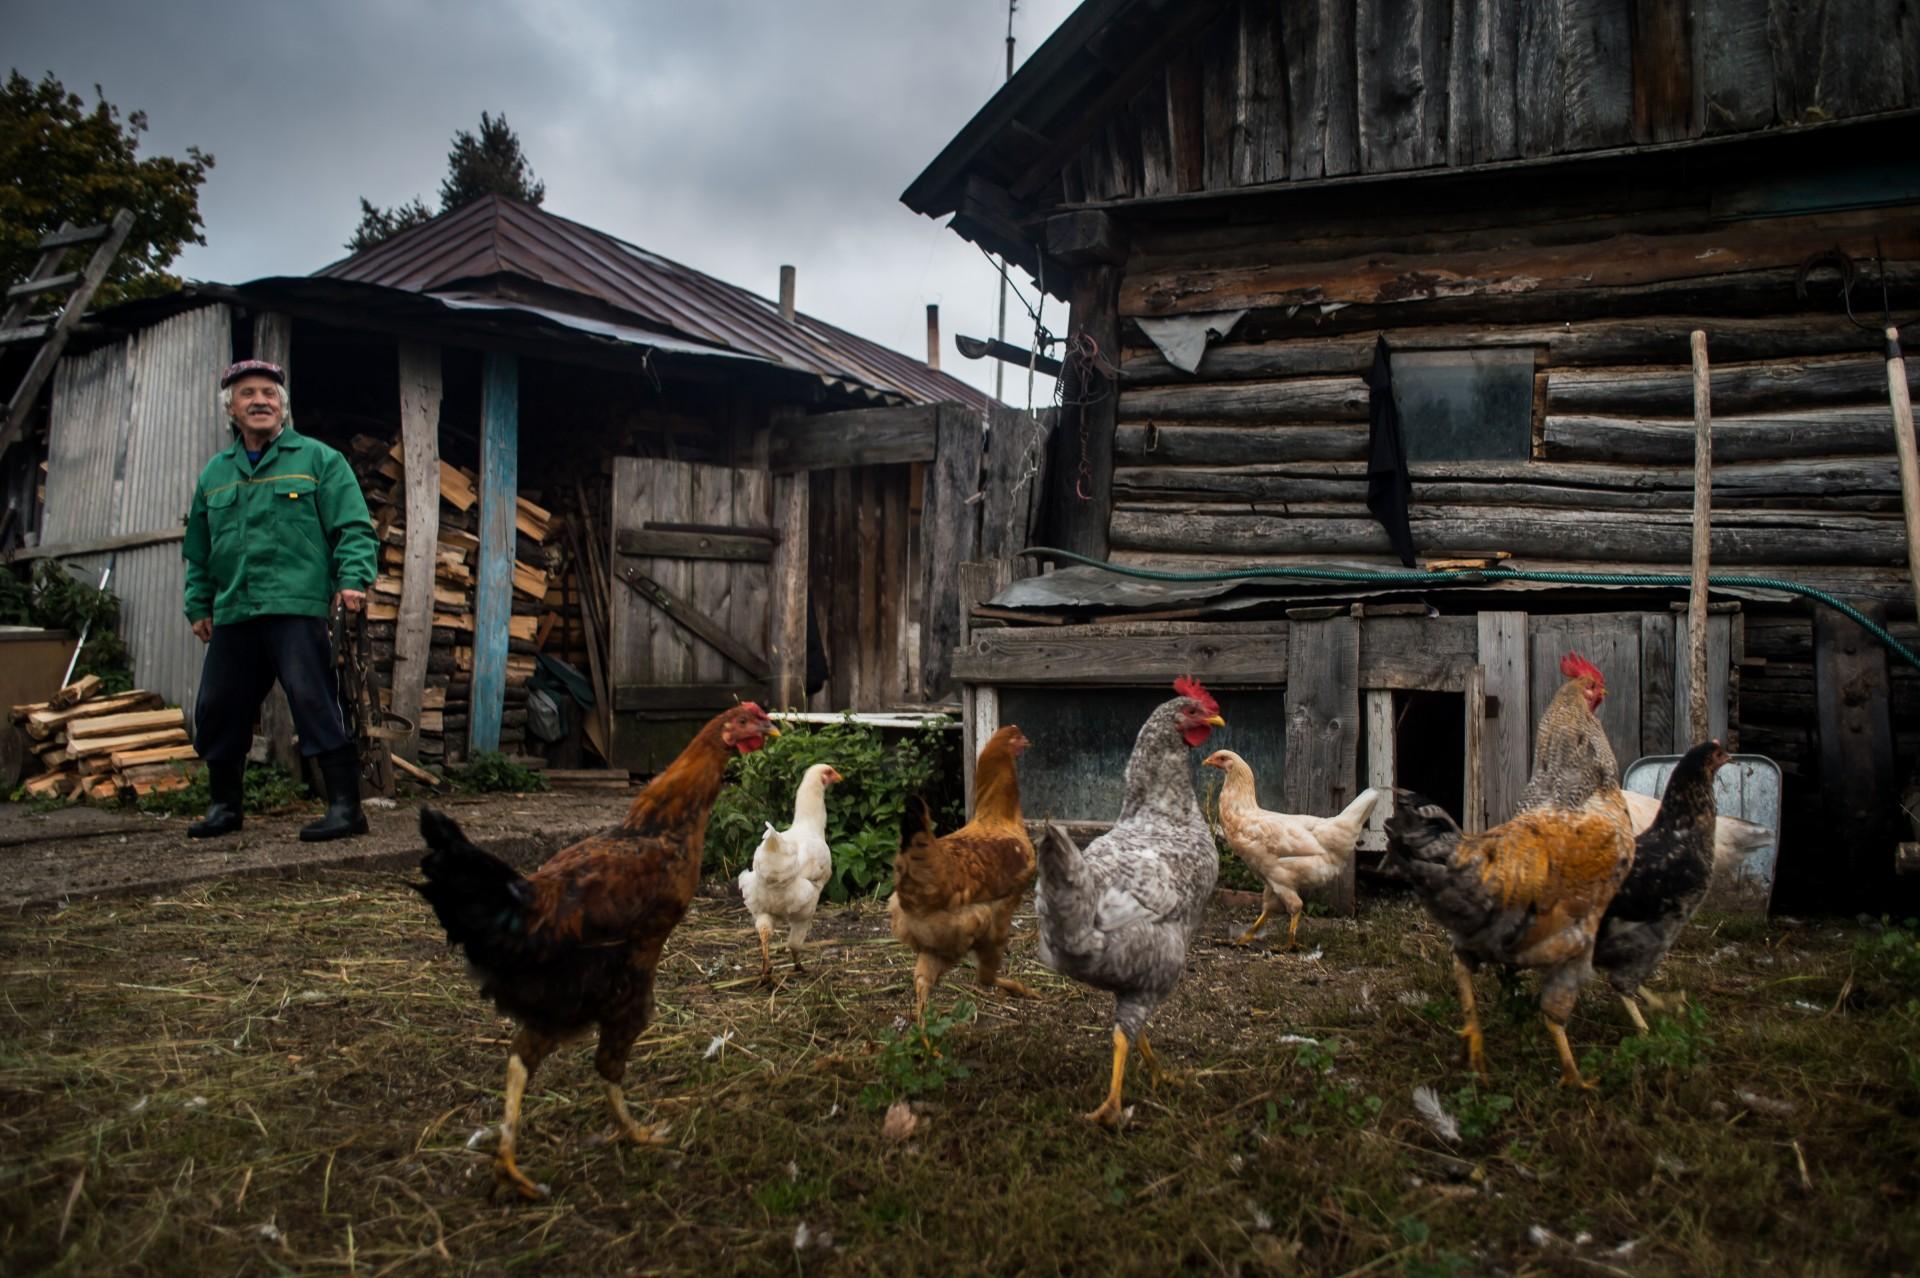 жизнь в деревне как на картинке красив каштан весной